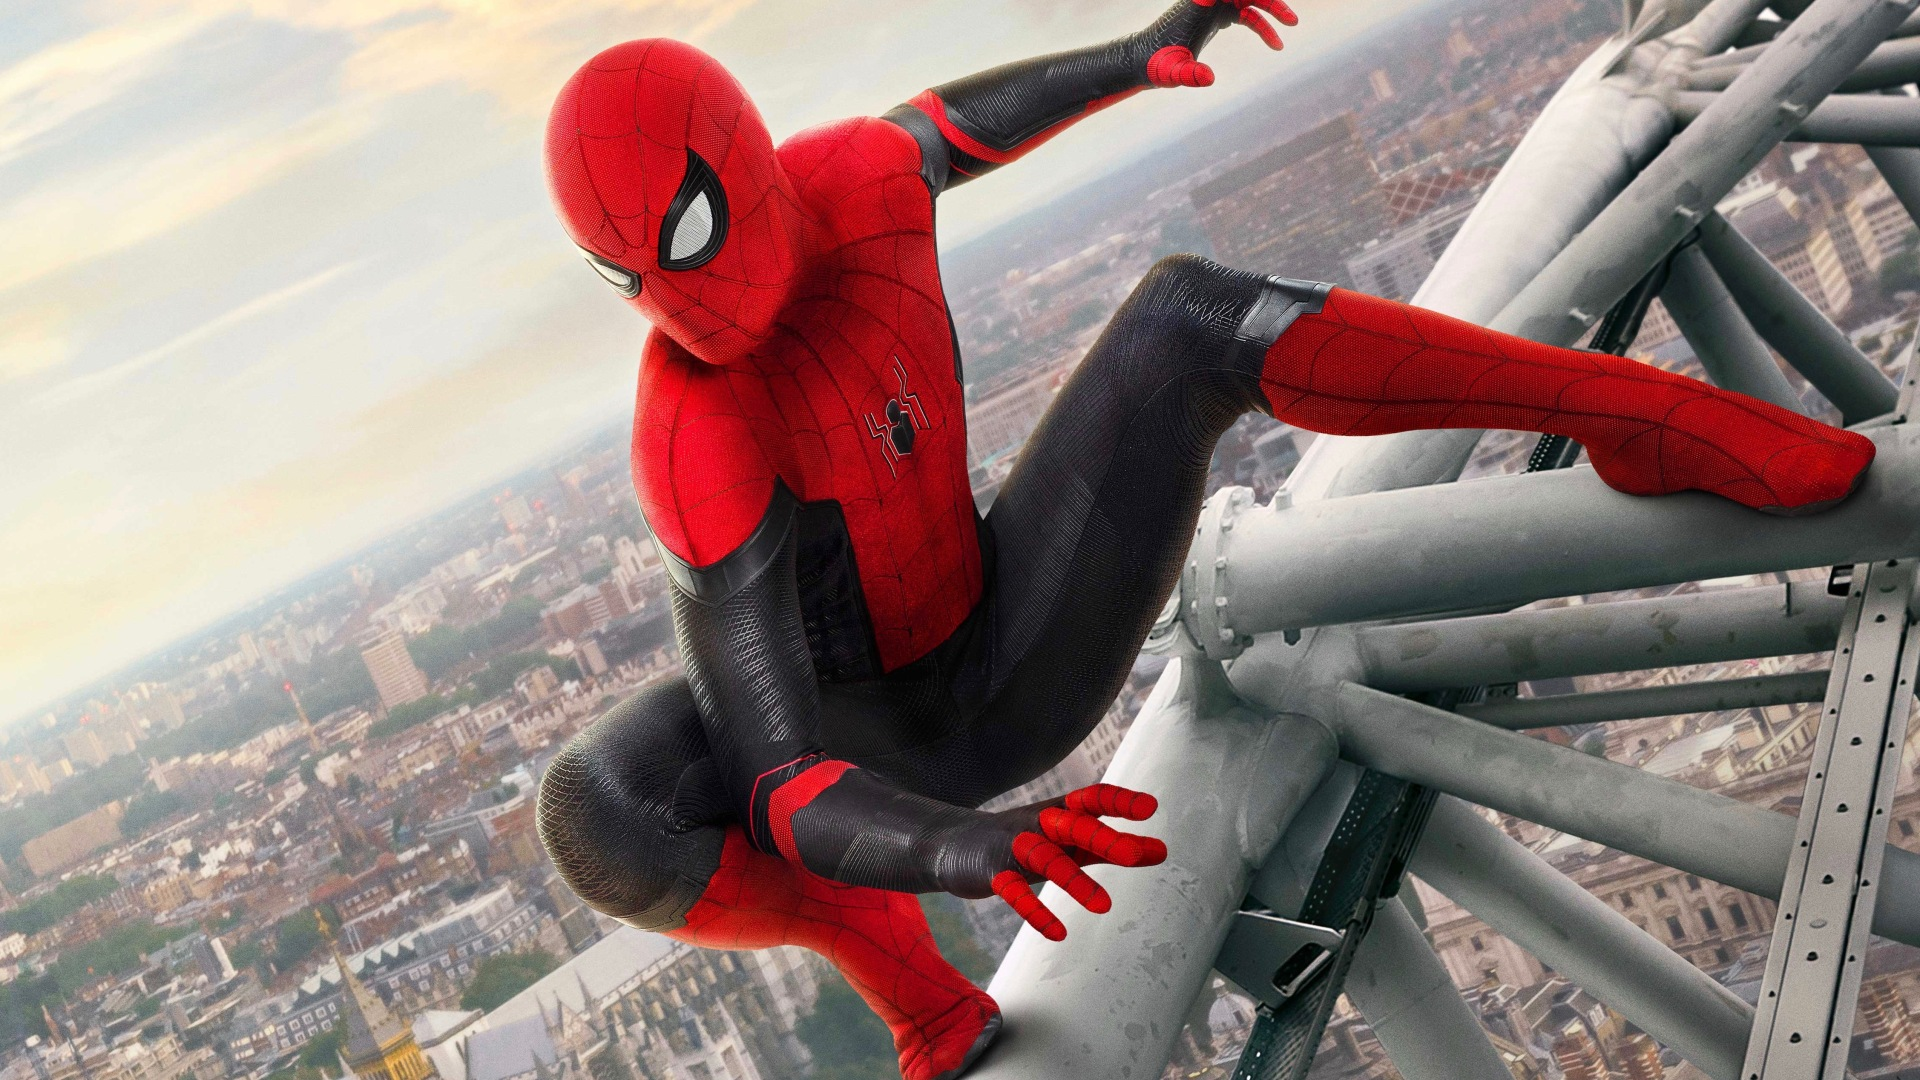 Terjadi Perselisihan Antara Sony dan Disney, Spider-Man Keluar Dari Marvel 4